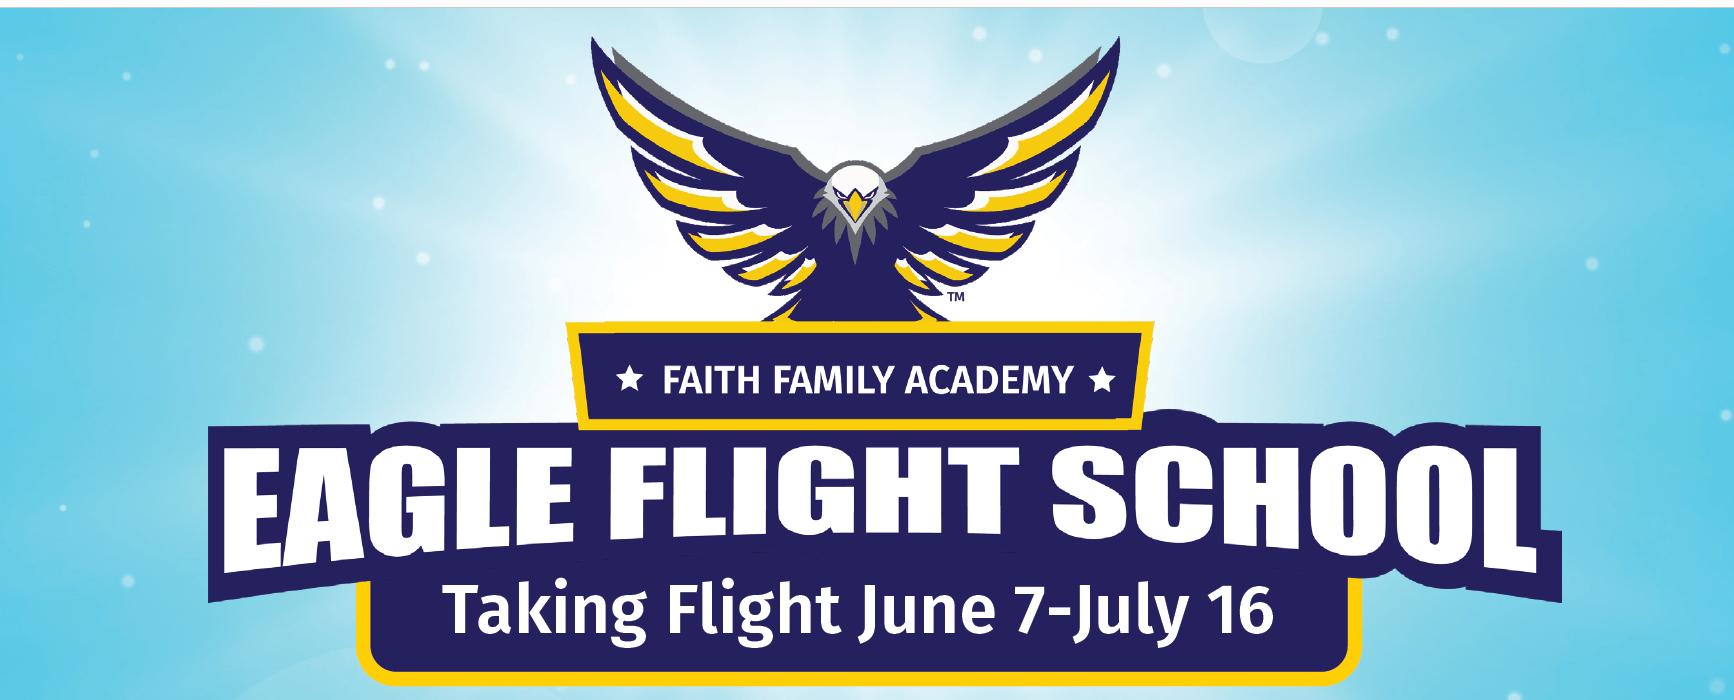 Faith Family Academy